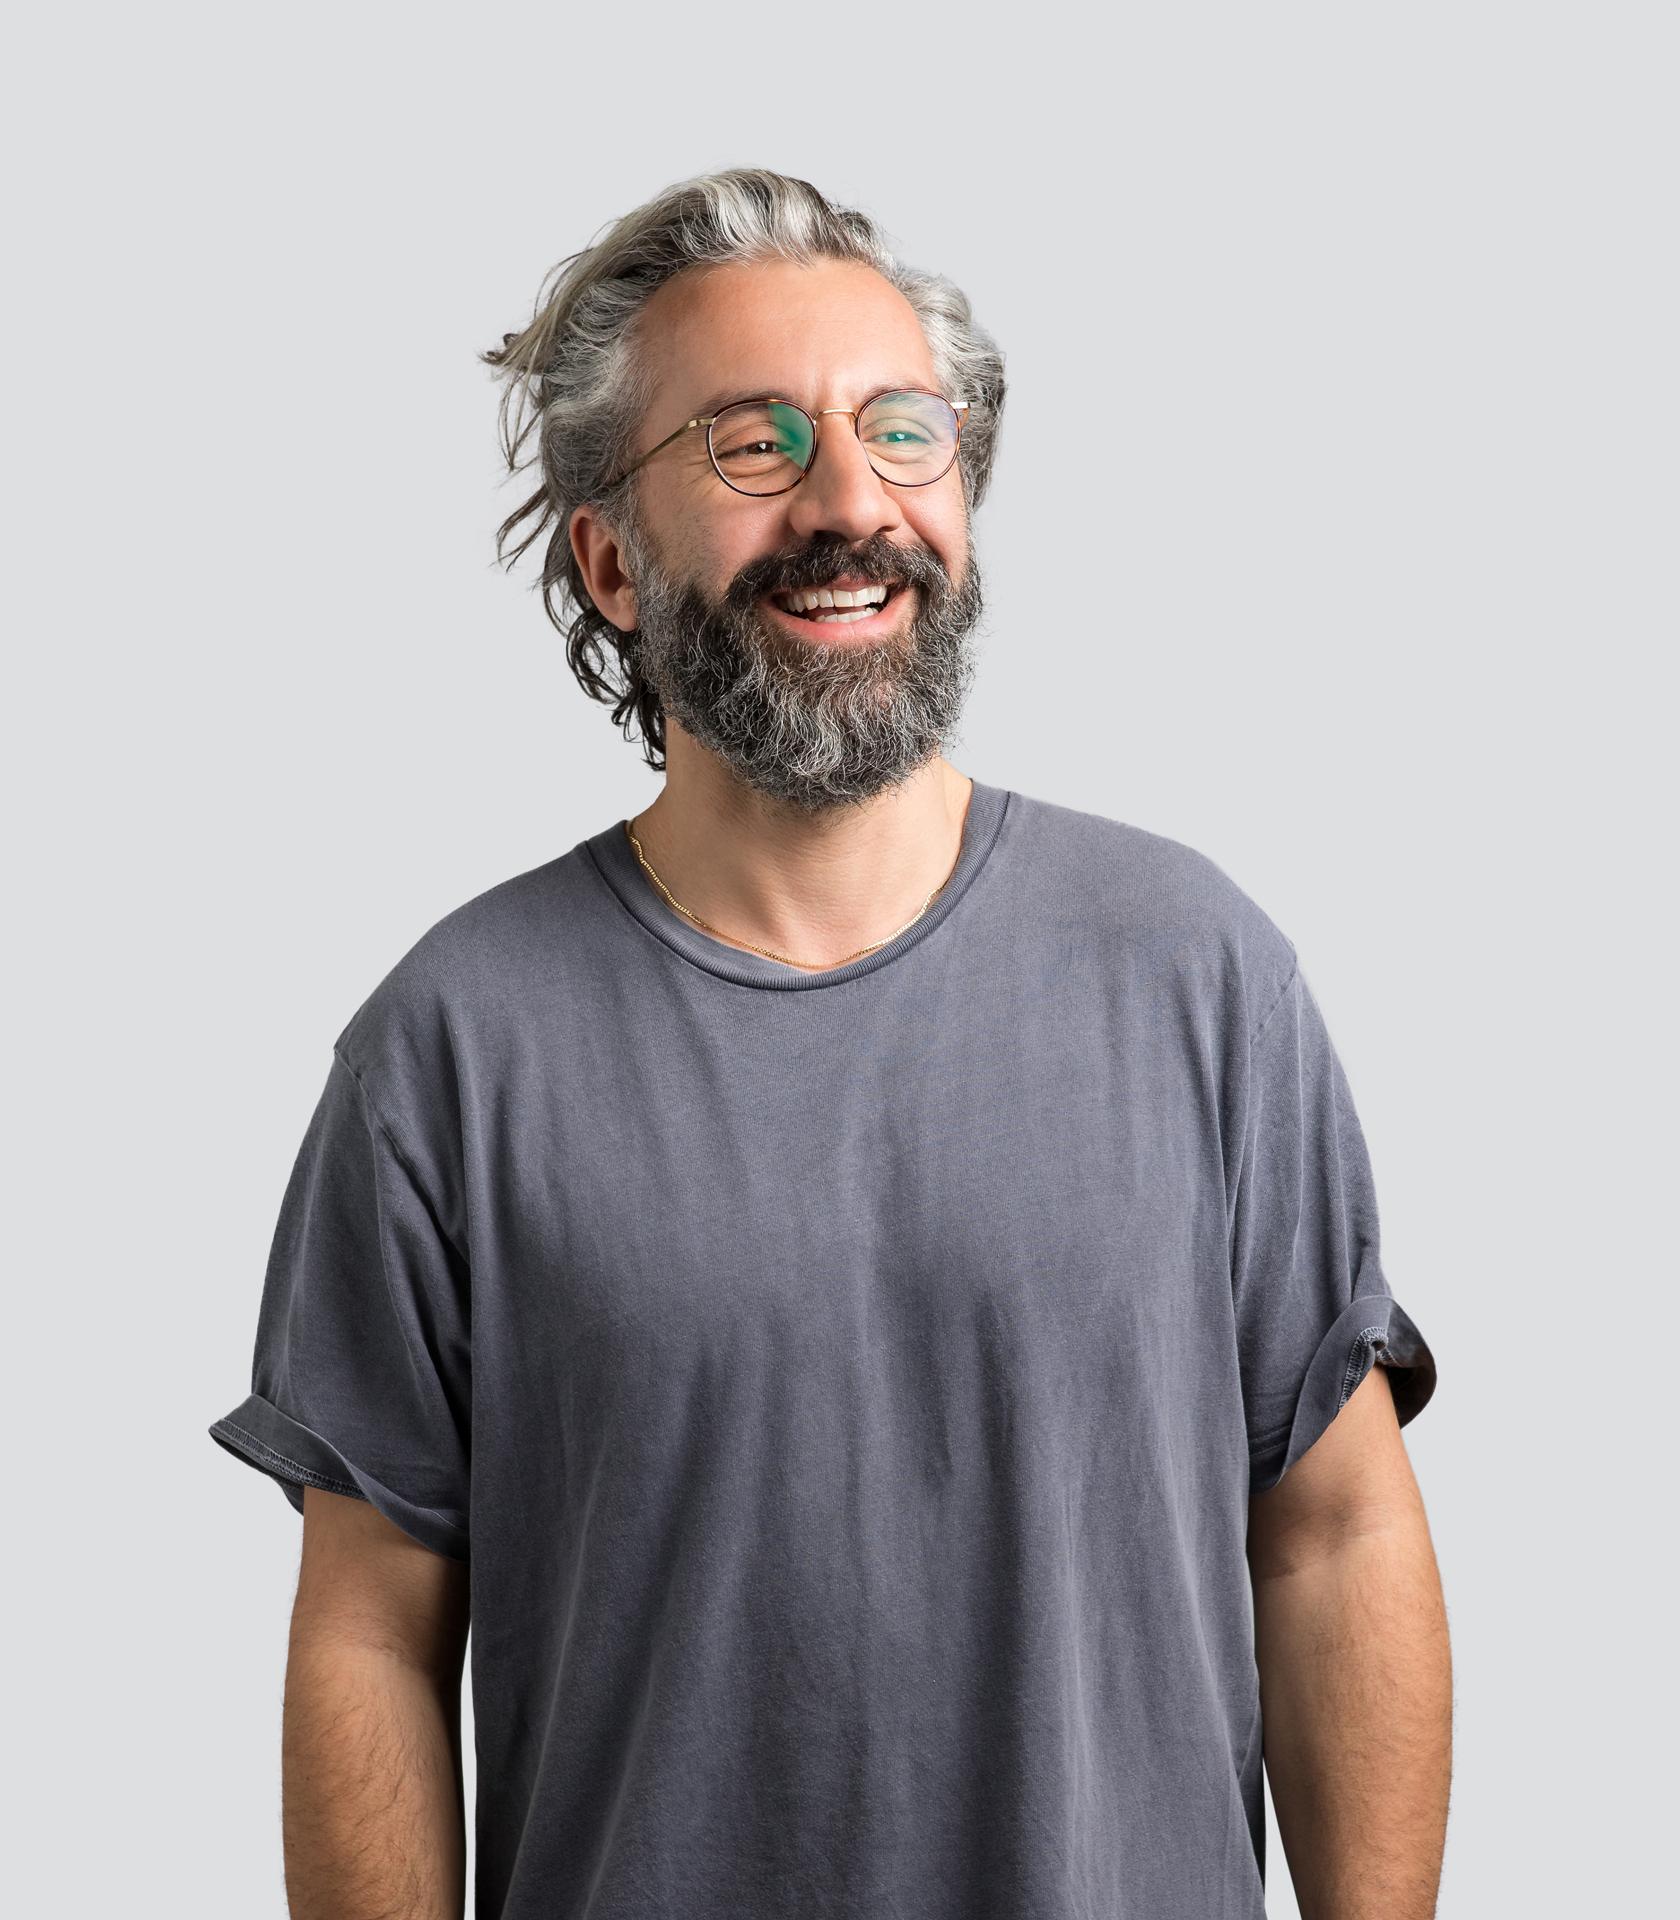 Danijel Bonacic